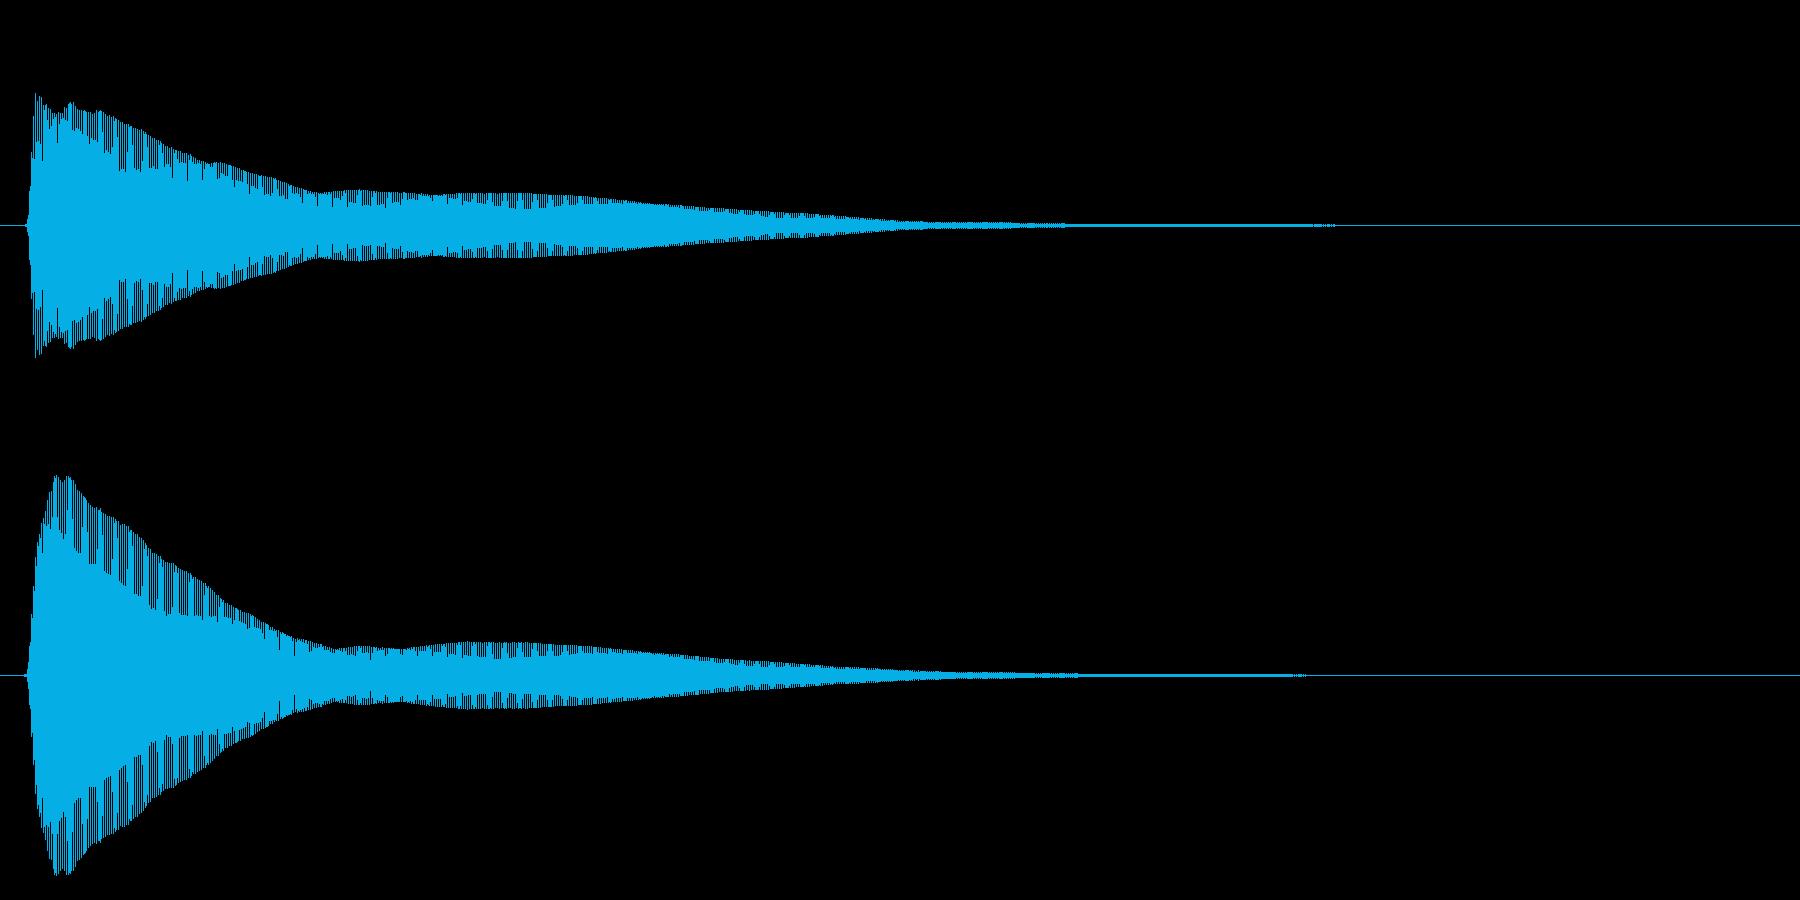 マレット/シンプル/決定音の再生済みの波形